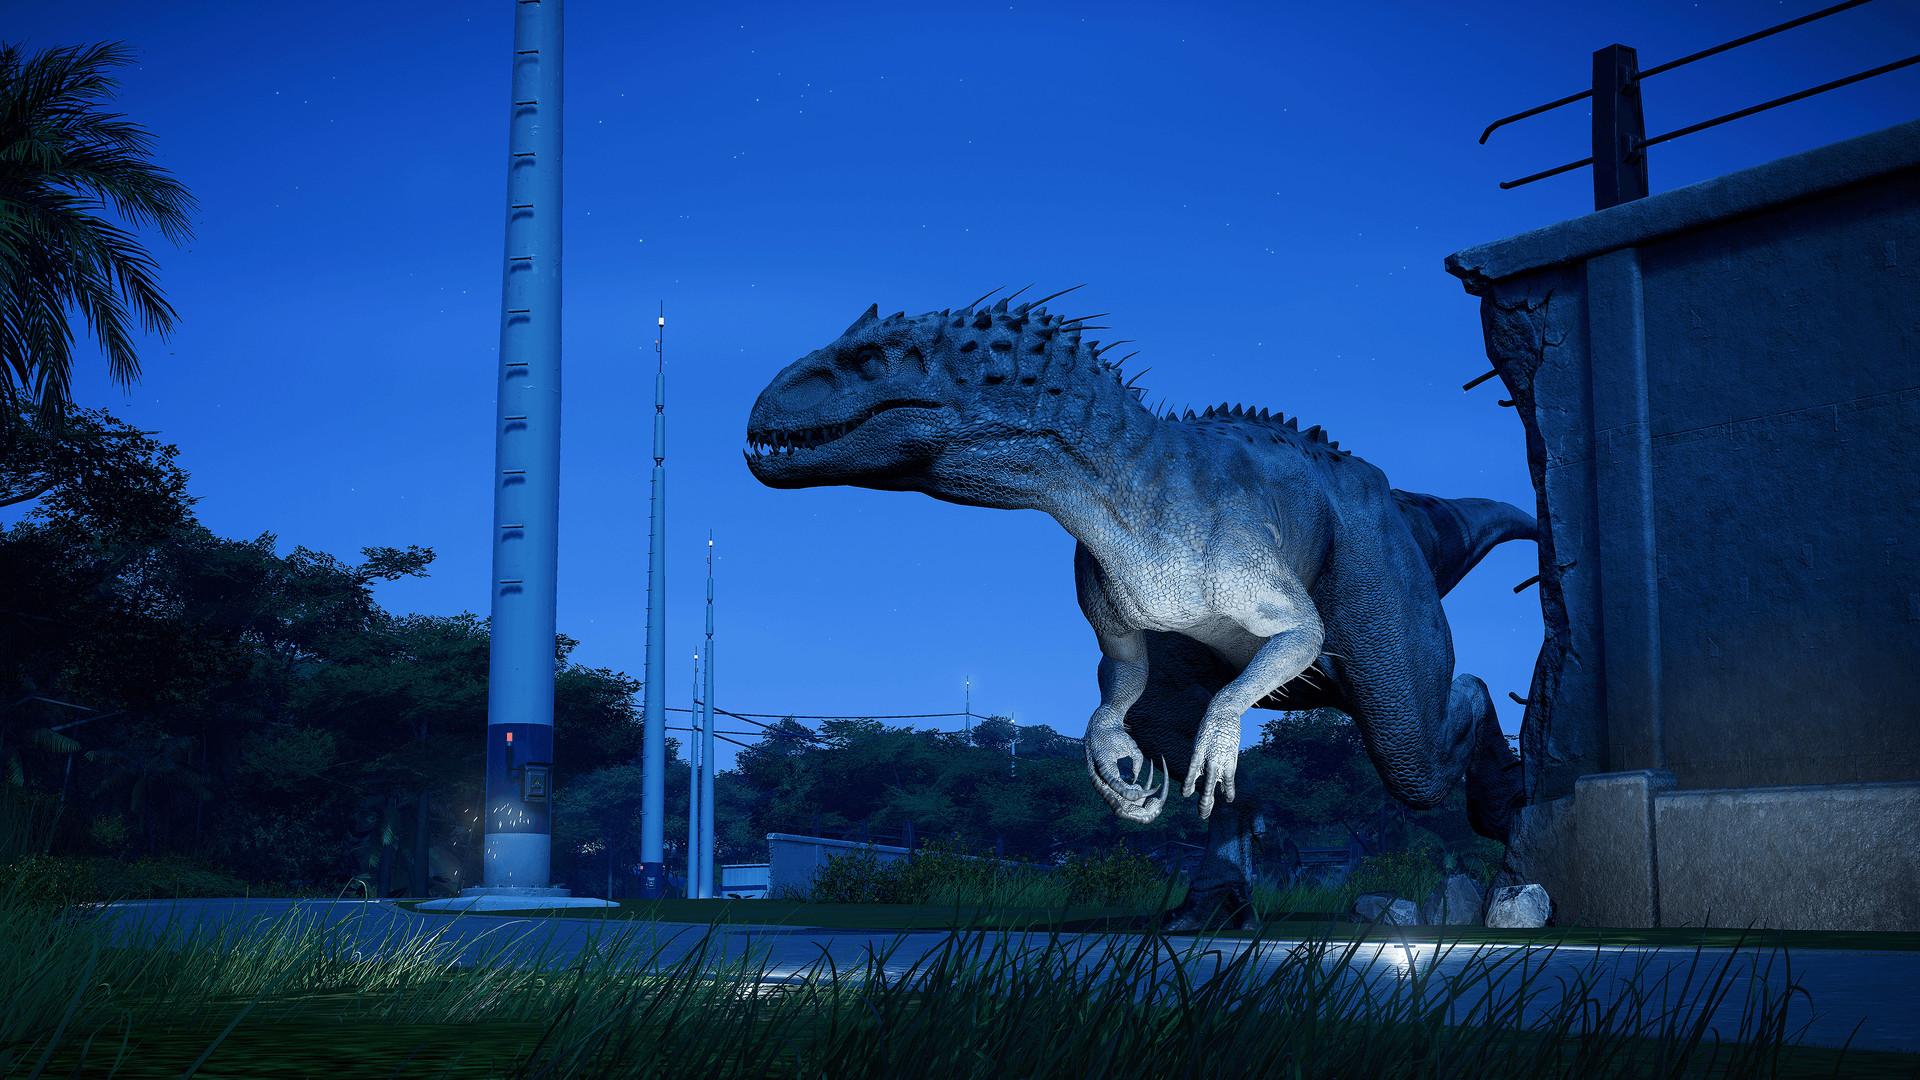 Jurassic World Evolution How To Get The Indominus Rex Gamewatcher